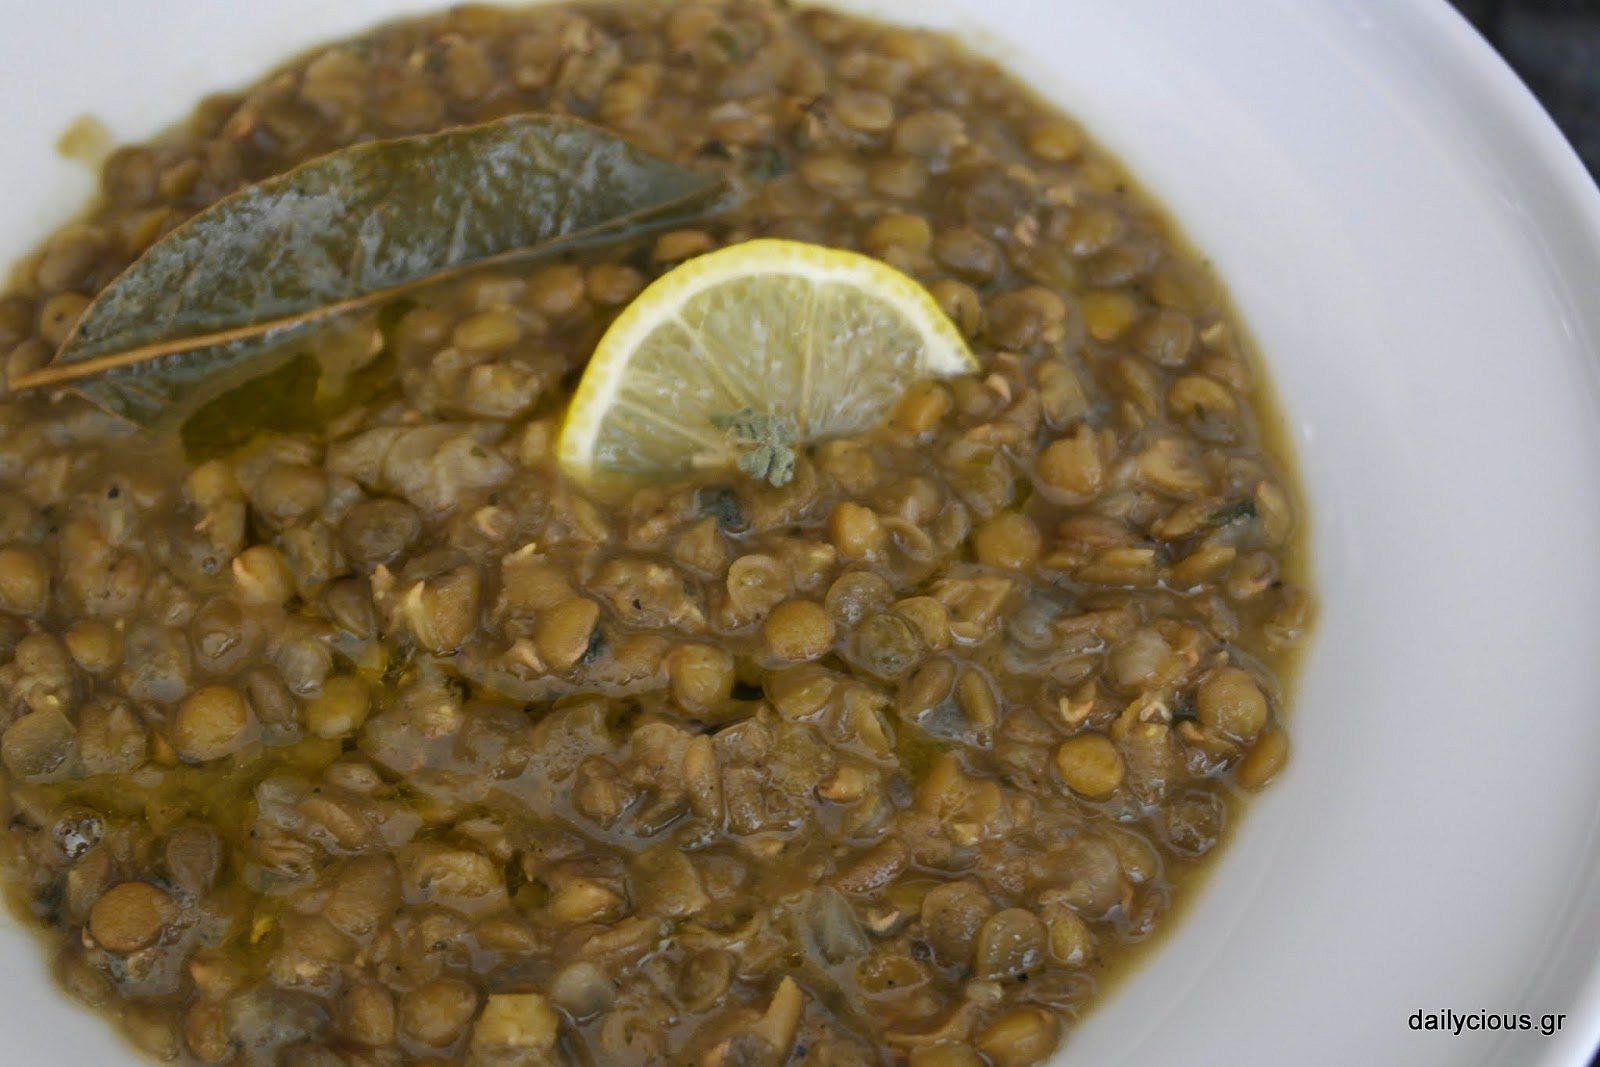 Άσπρες Φακές Σούπα με Λεμόνι και Ρίγανη